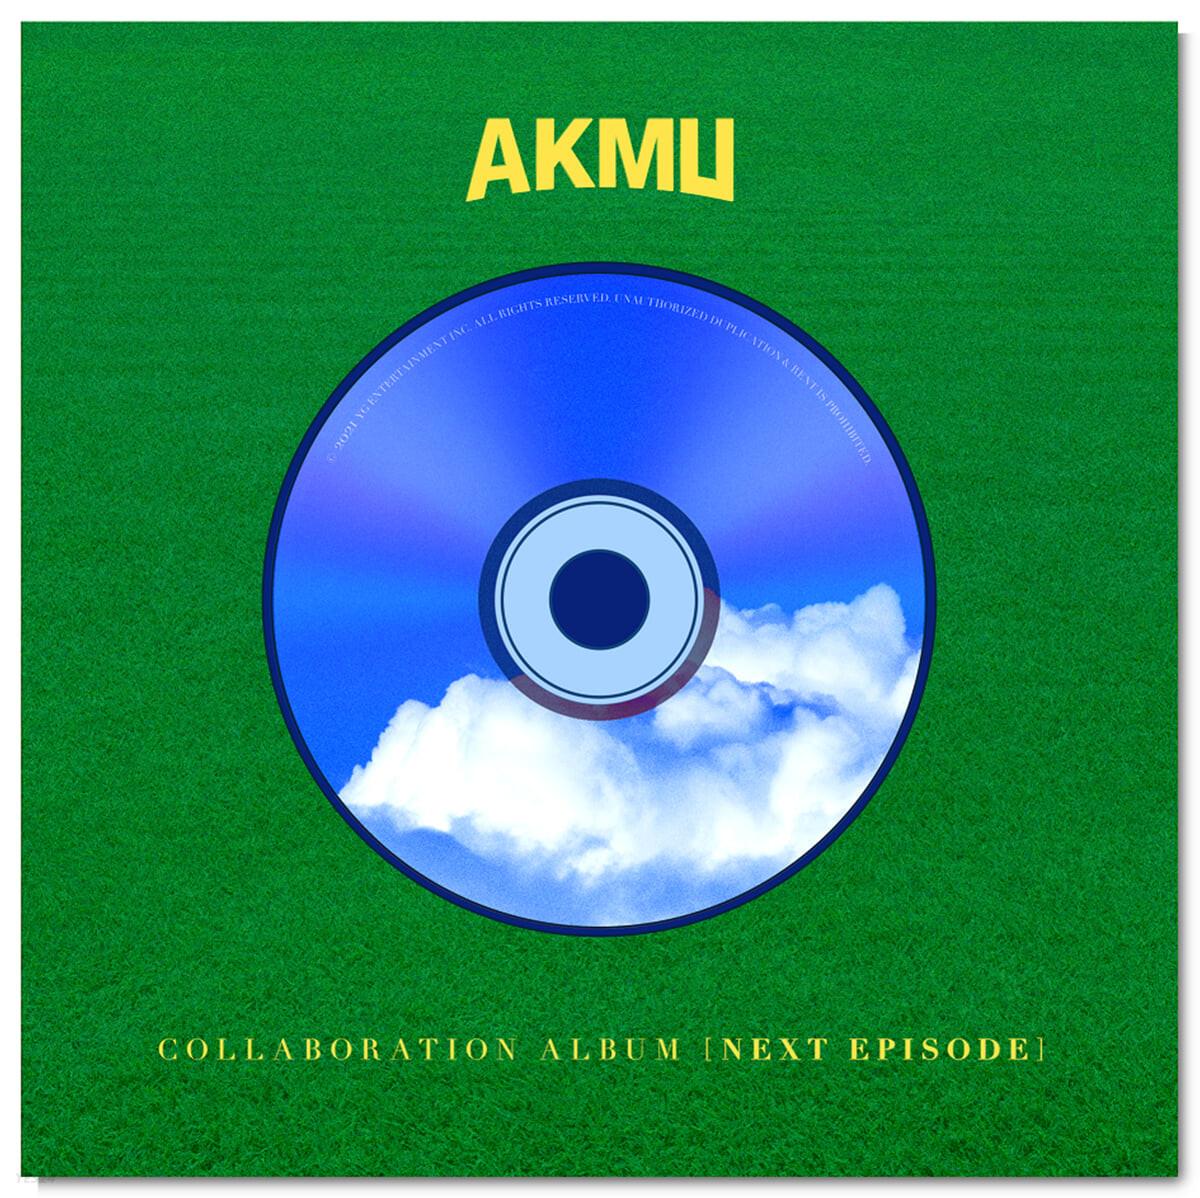 악동뮤지션 - AKMU COLLABORATION ALBUM [NEXT EPISODE] - YES24